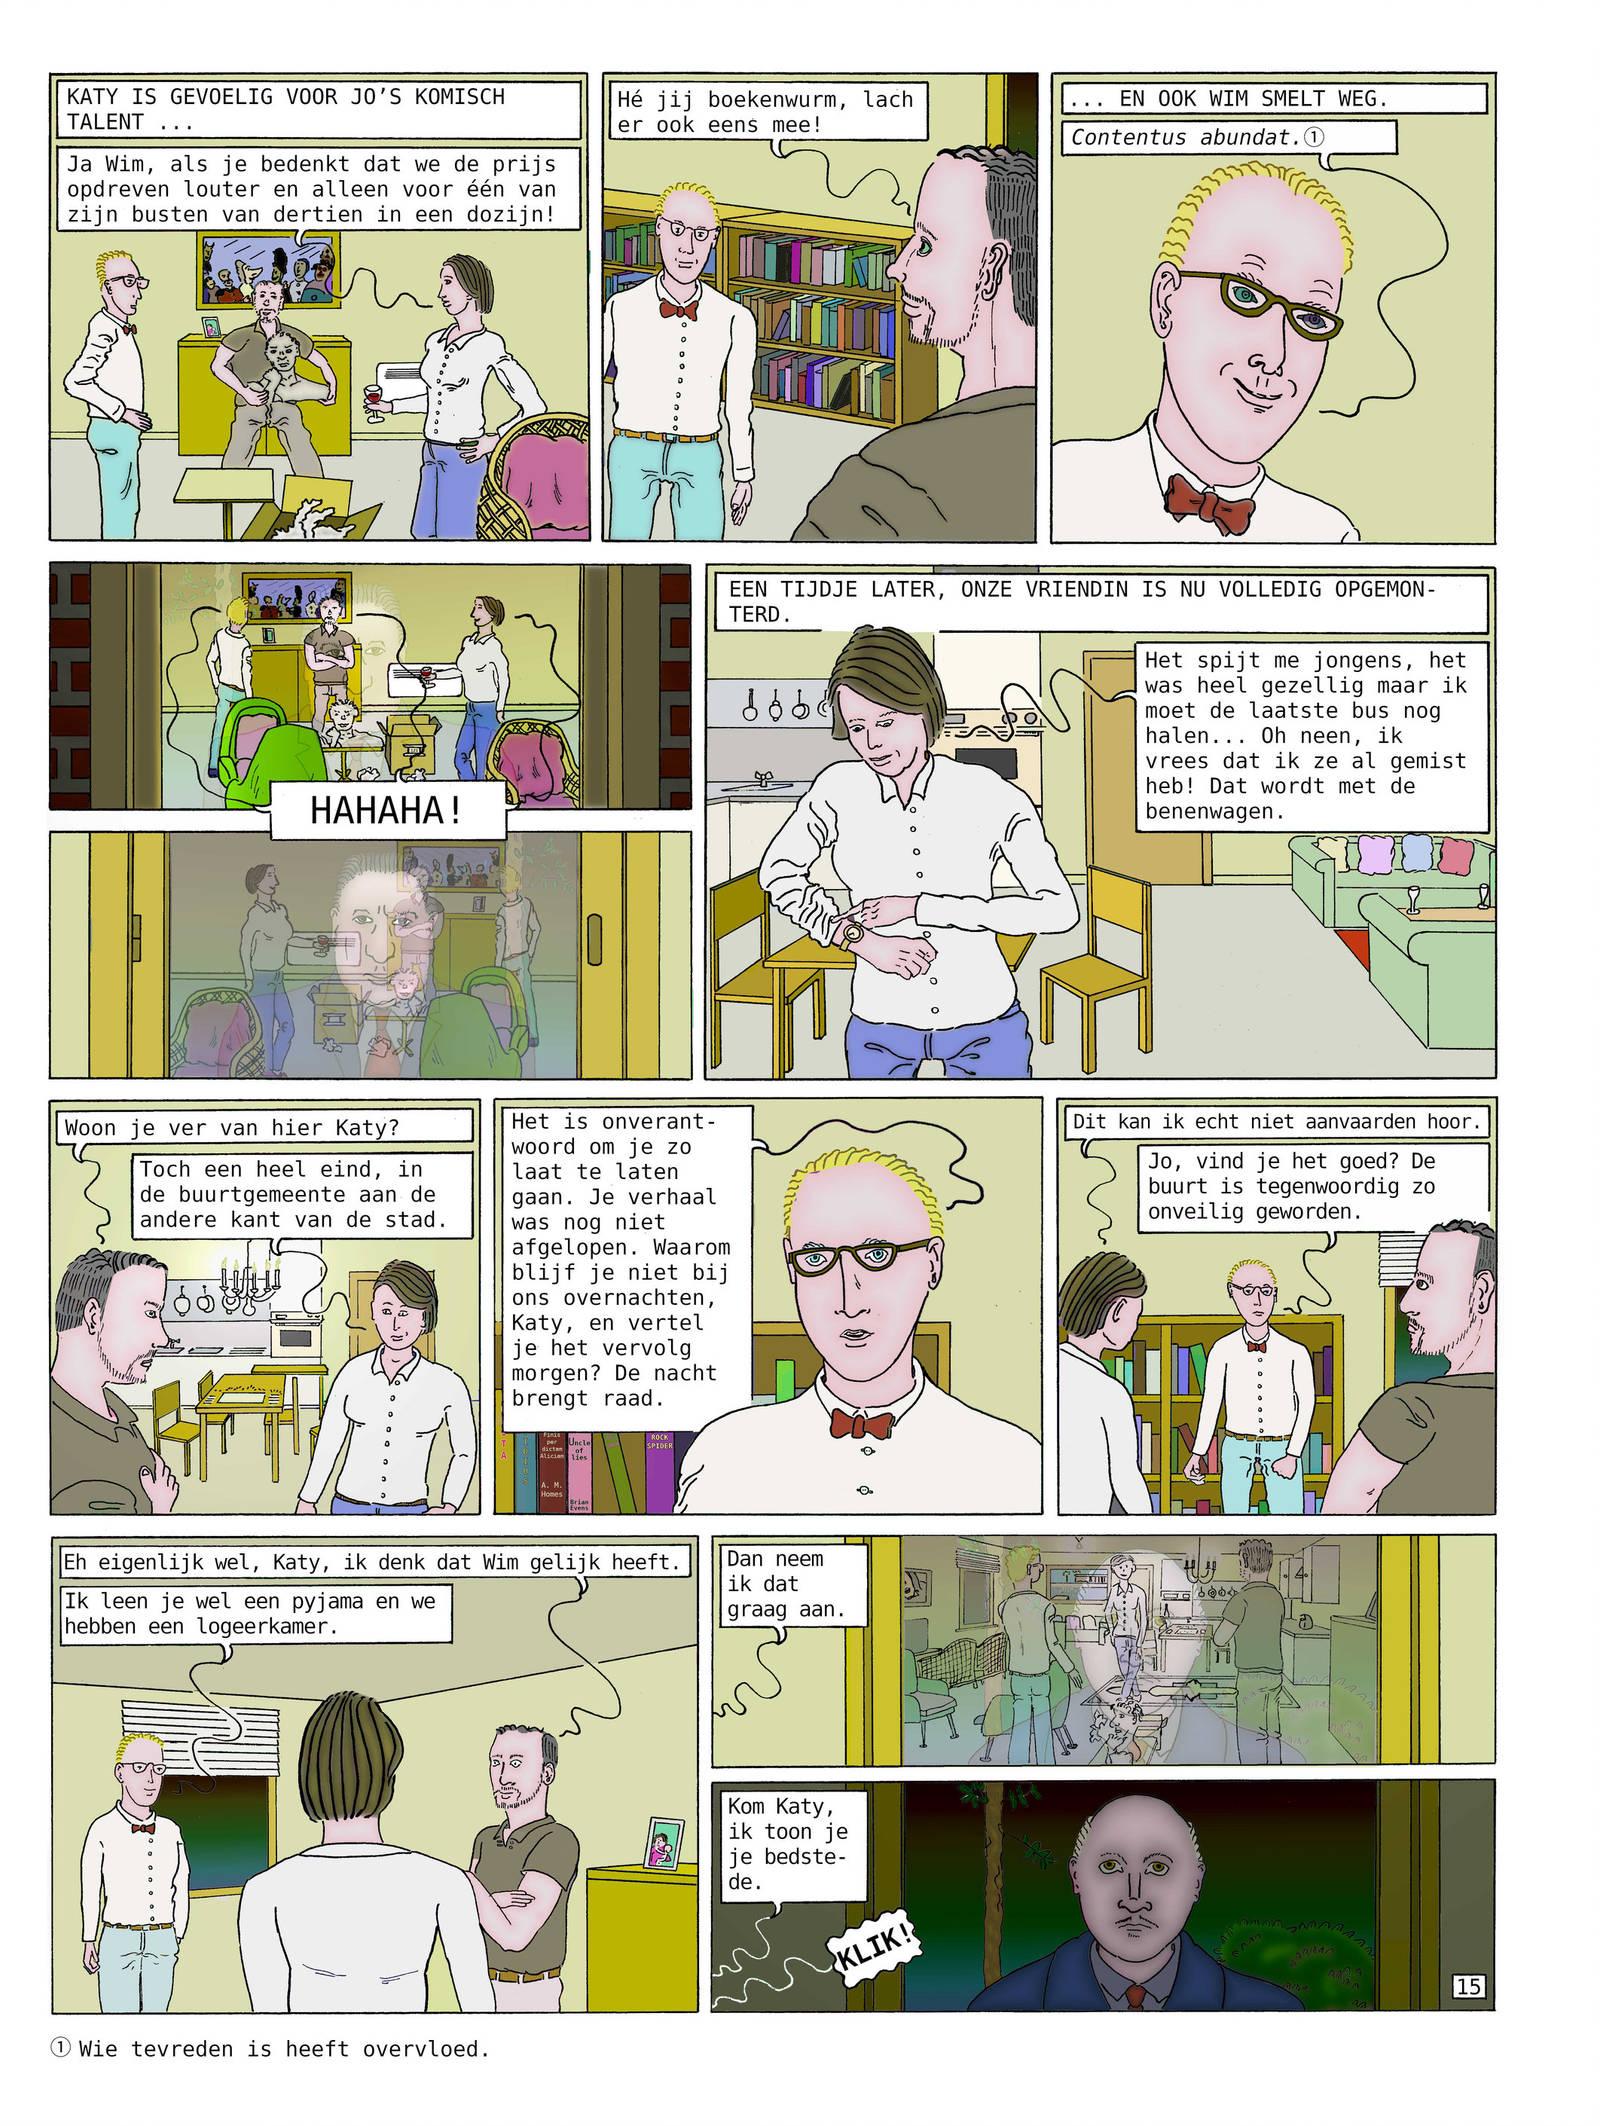 niets_staat_in_de_weg__pagina_15_van_70_